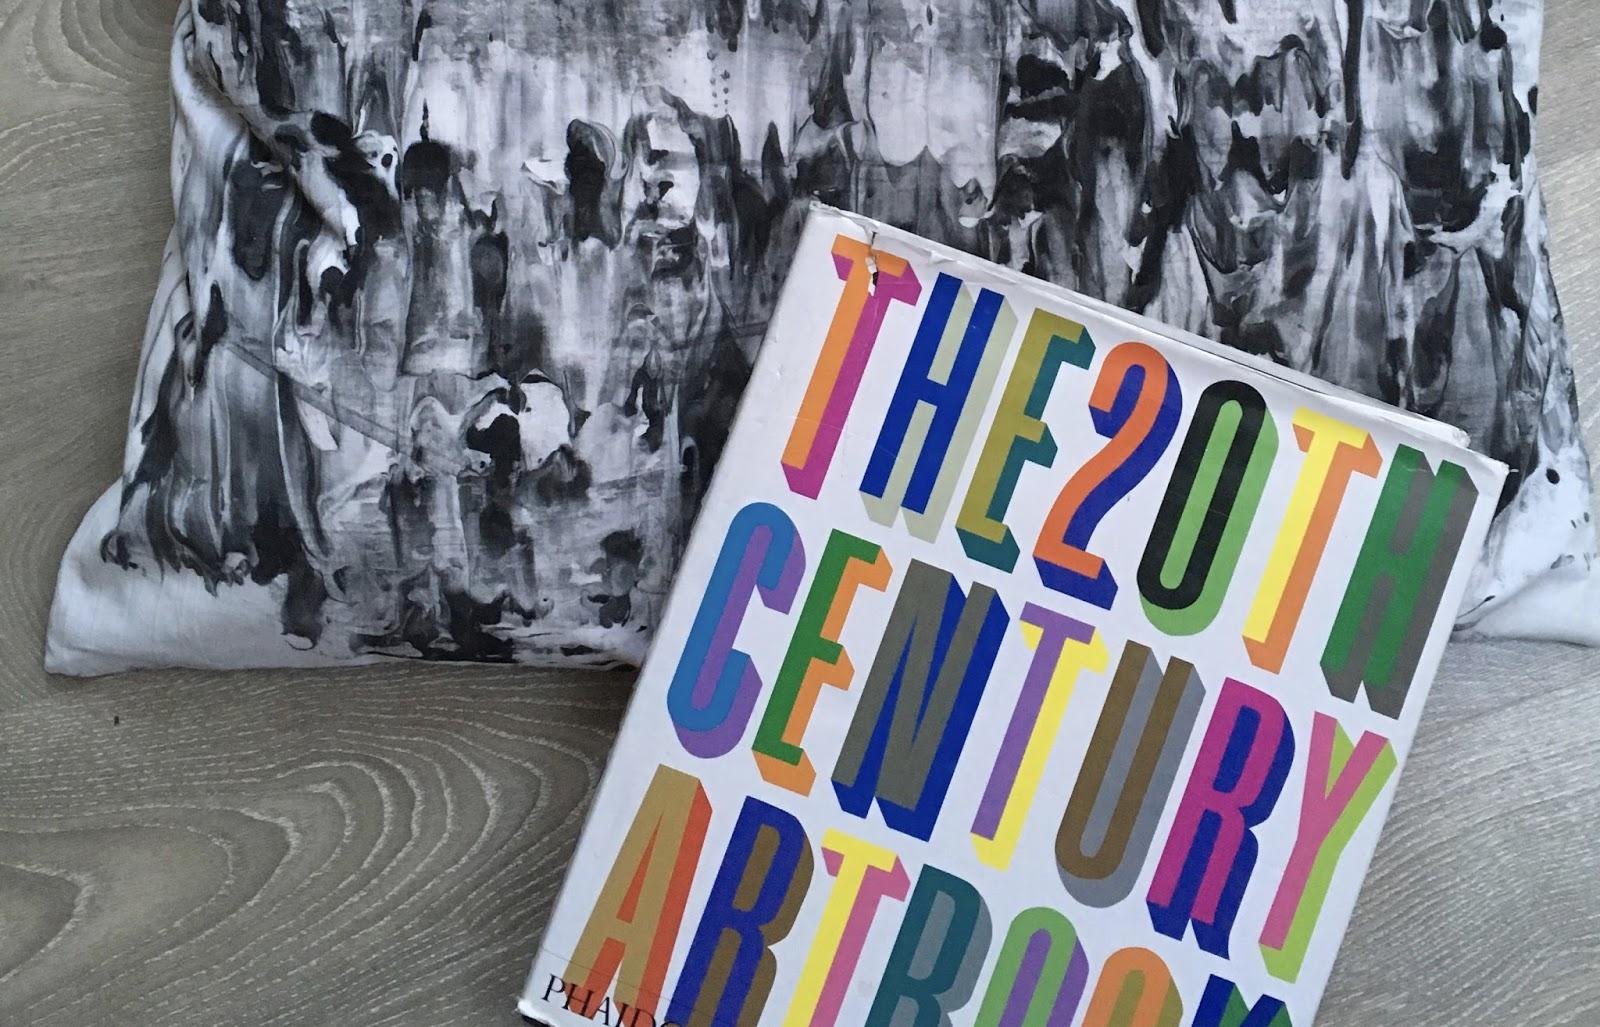 DIY návody - tisk na textil za pomoci holicí pěny